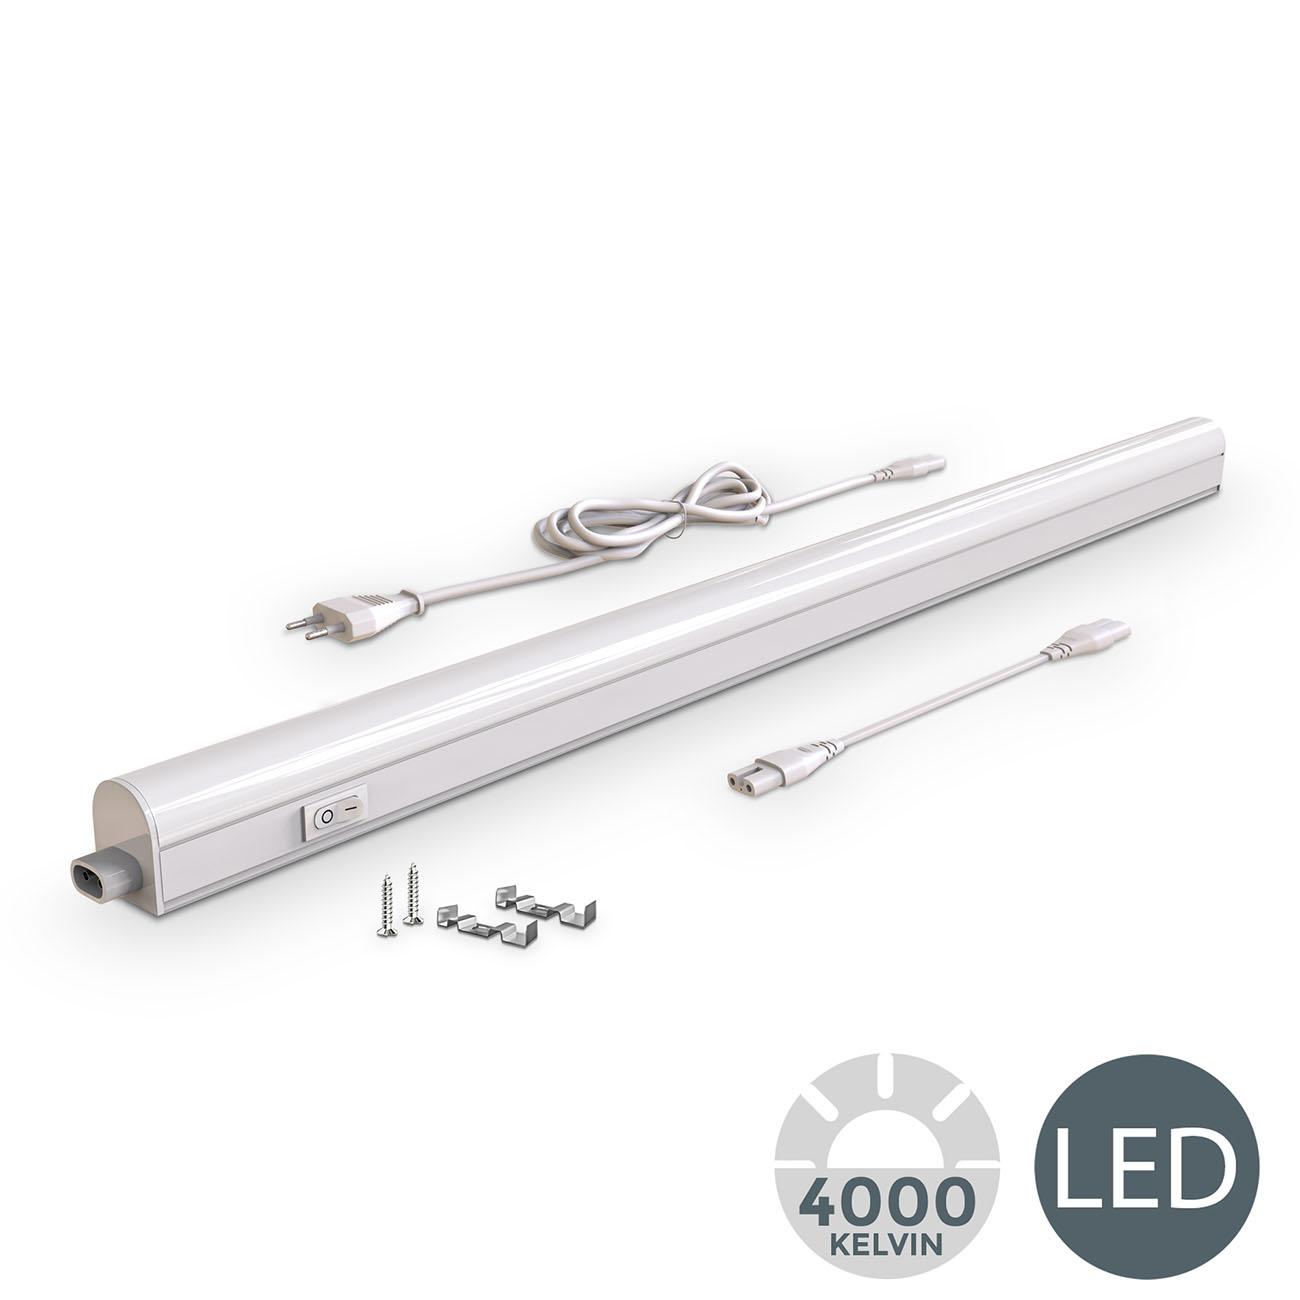 LED Unterbauleuchte mit Verbindungskabel weiß L - 3